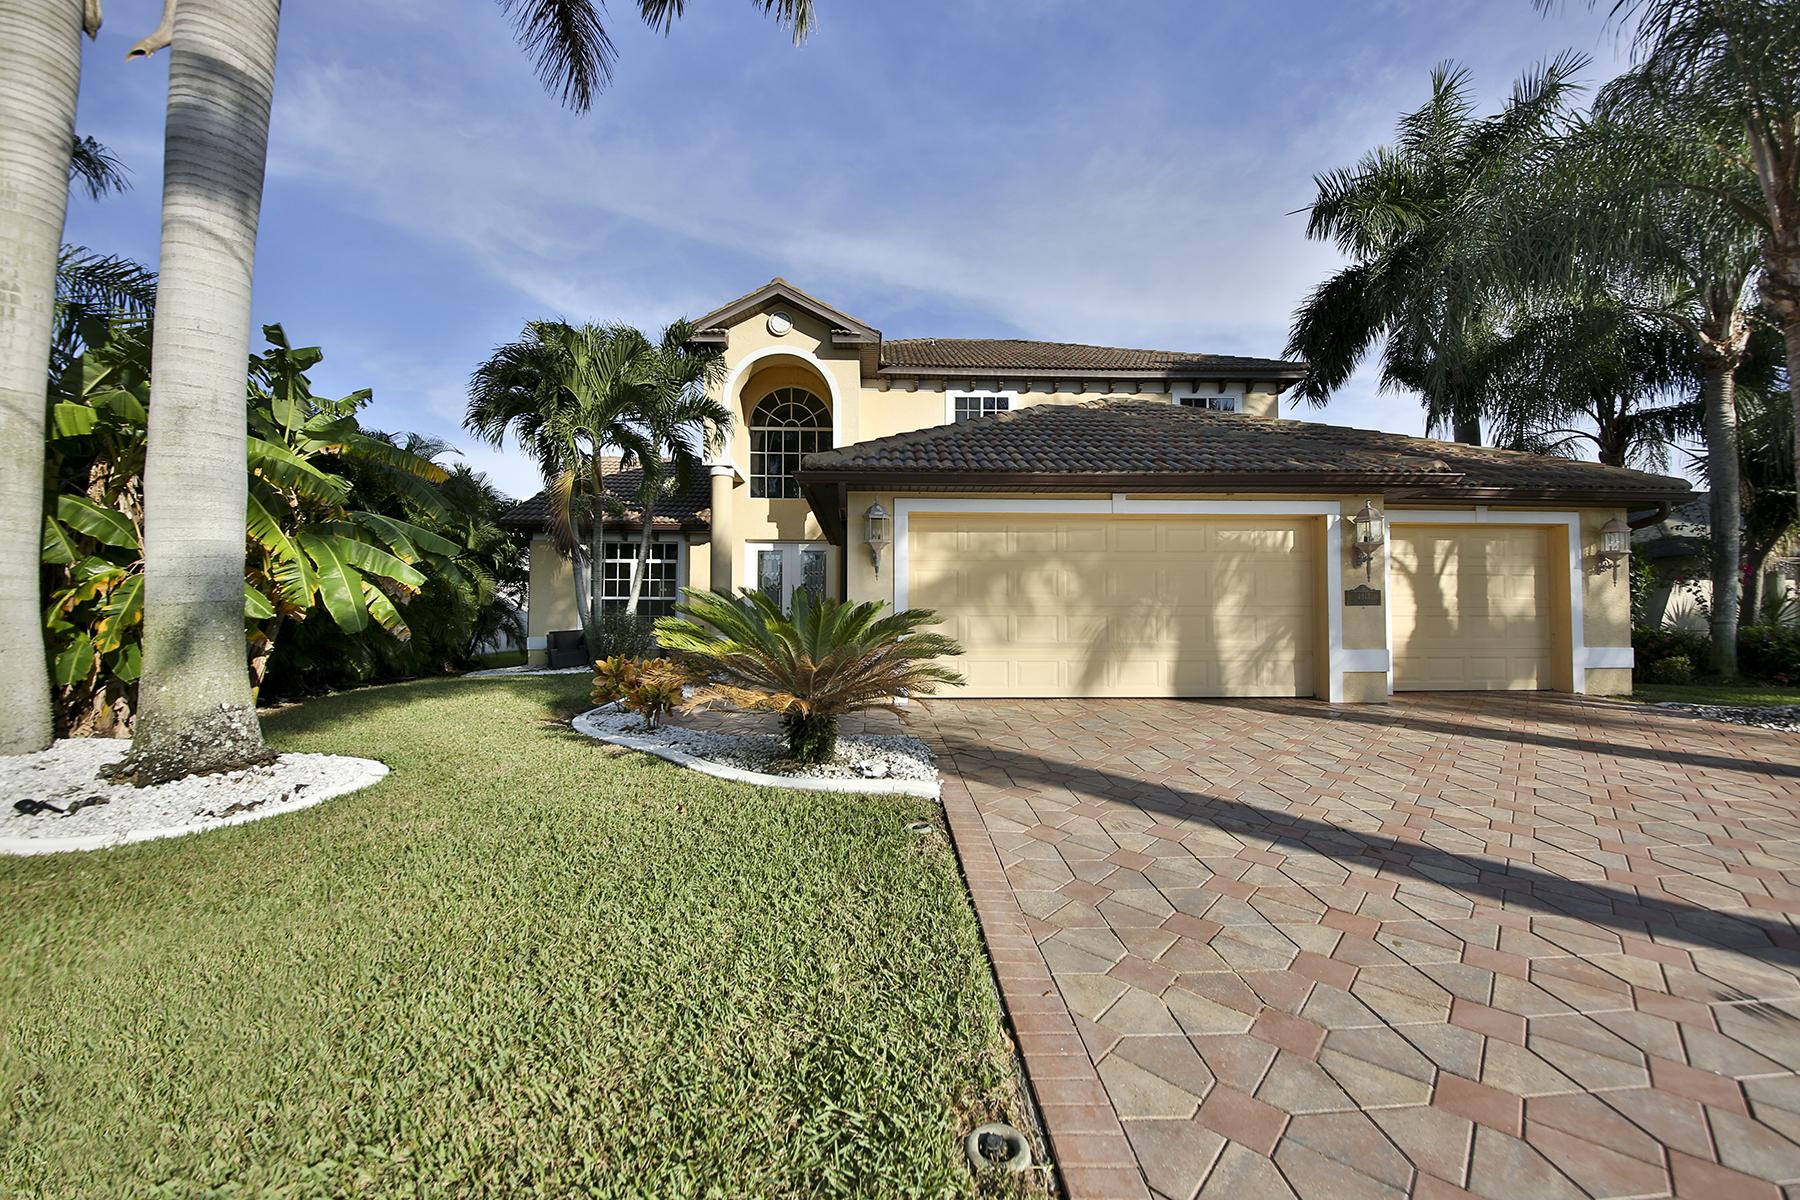 단독 가정 주택 용 매매 에 CAPE CORAL 4913 SW 20th Pl Cape Coral, 플로리다, 33914 미국